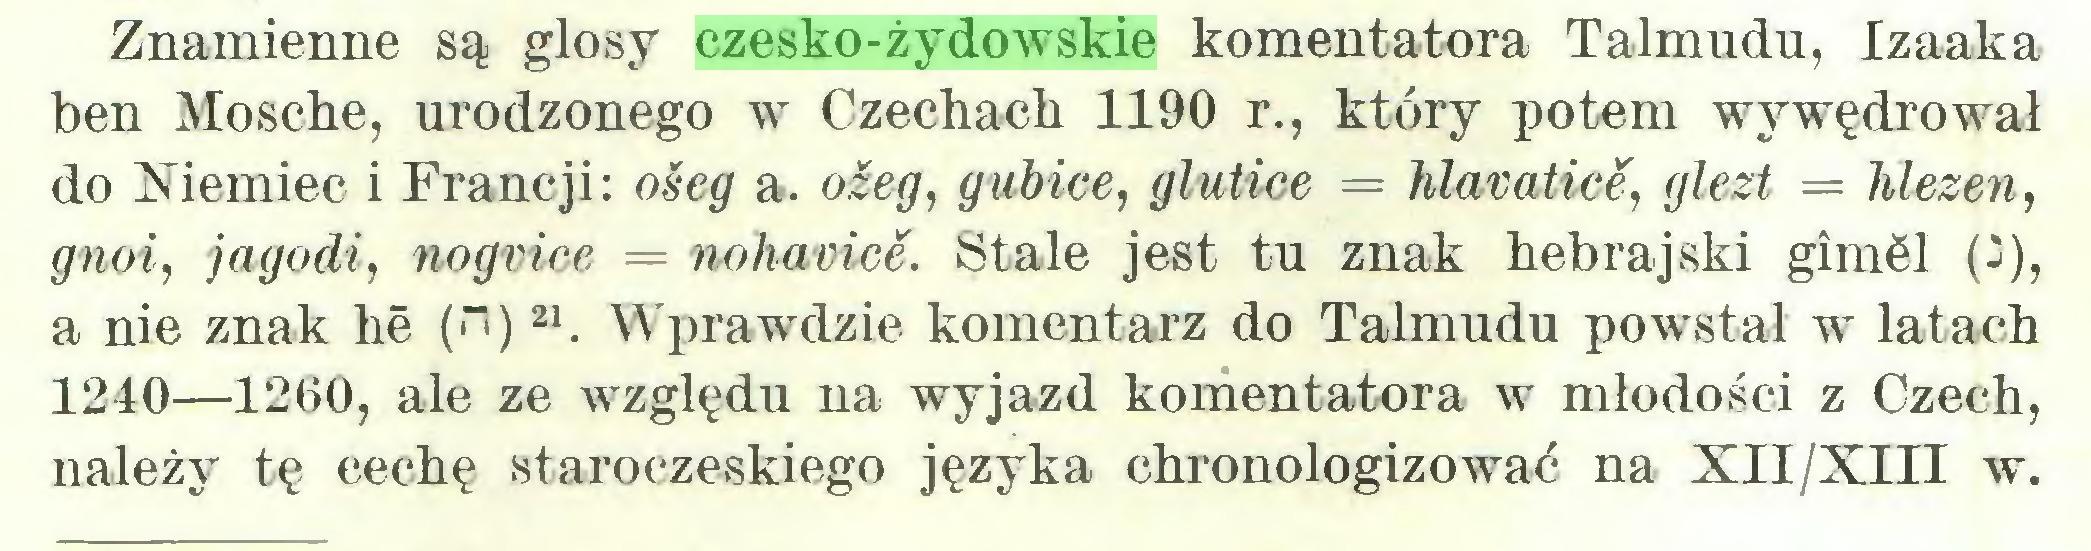 """(...) Znamienne są glosy czesko-żydowskie komentatora Talmudu, Izaaka ben Mosche, urodzonego w Czecliacb 1190 r., który potem wy wędrował do Niemiec i Francji: ośeg a. oźeg, gubice, glutice = hlavatice, glezt = hlezen, gnoi, jagodi, nogrice = noharice. Stale jest tu znak hebrajski gimól (j), a nie znak lie ("""")21. Wprawdzie komentarz do Talmudu powstał w latach 1240—1260, ale ze względu na wyjazd komentatora w młodości z Czech, należy tę cechę staroczeskiego języka chronologizować na XII/XIII w..."""